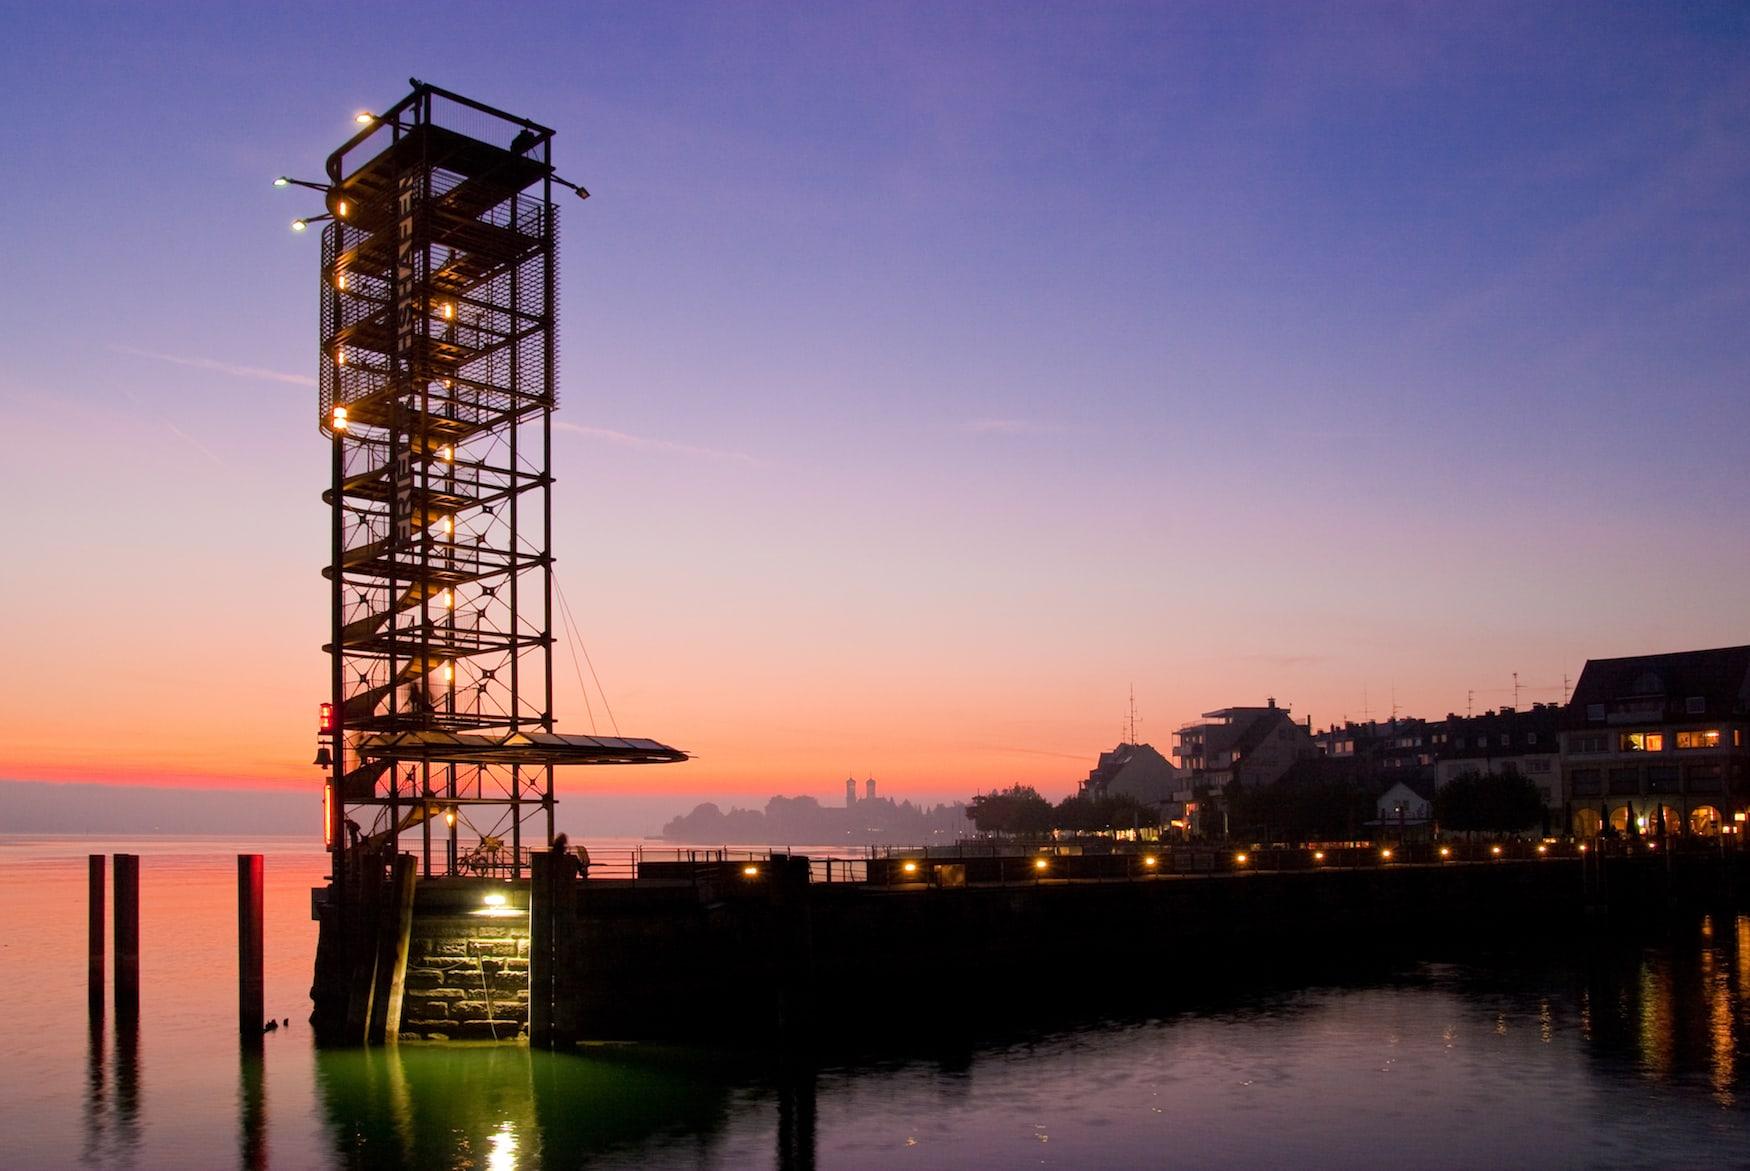 Moleturm in Friedrichshafen bei Nacht